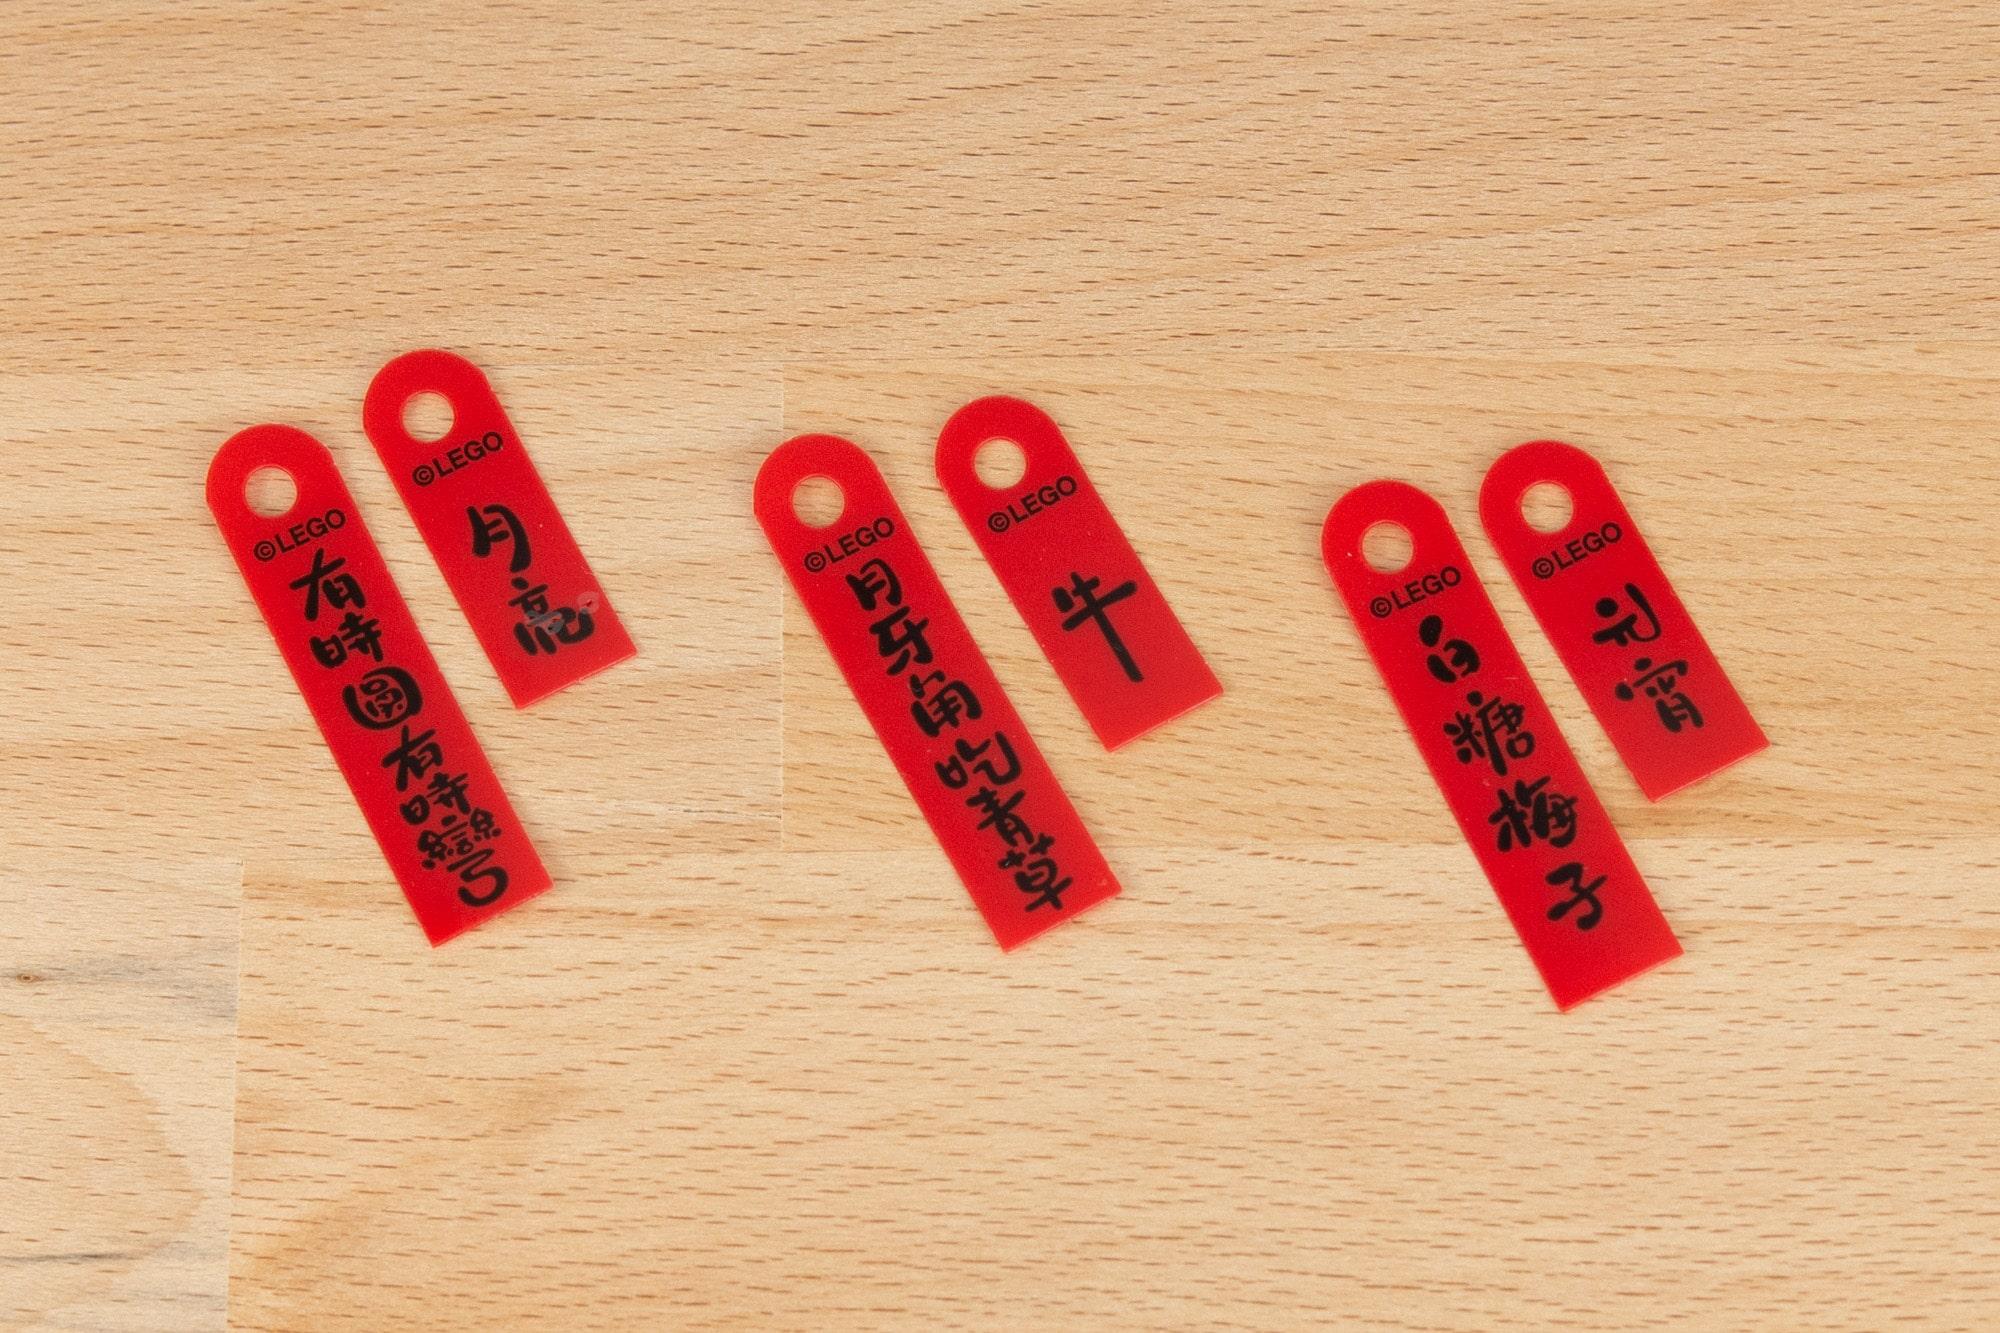 LEGO 80107 Fruehlingslaternenfest Chinesisches Neujahr 84